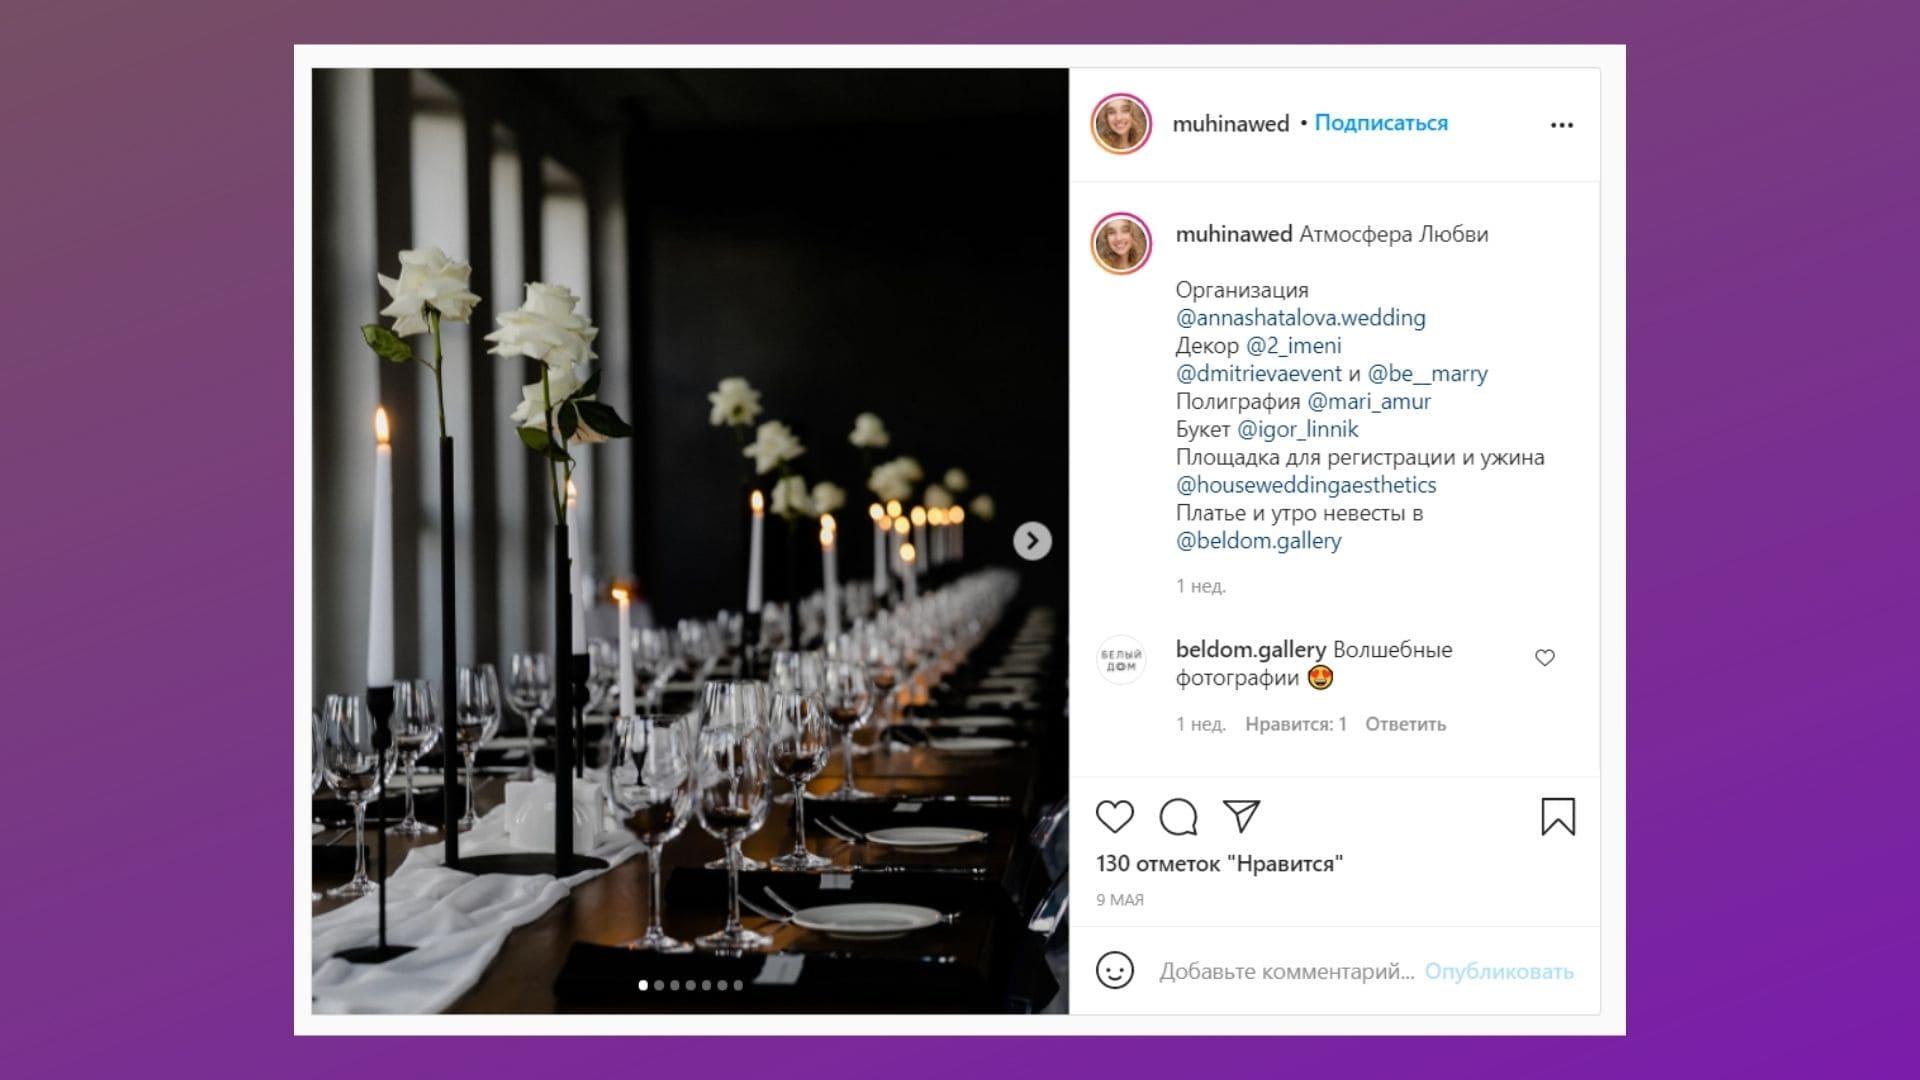 Перечисление участников фотосессии делает пост коммерческим и рекламным, но иногда слова не нужны – снимки говорят сами за себя